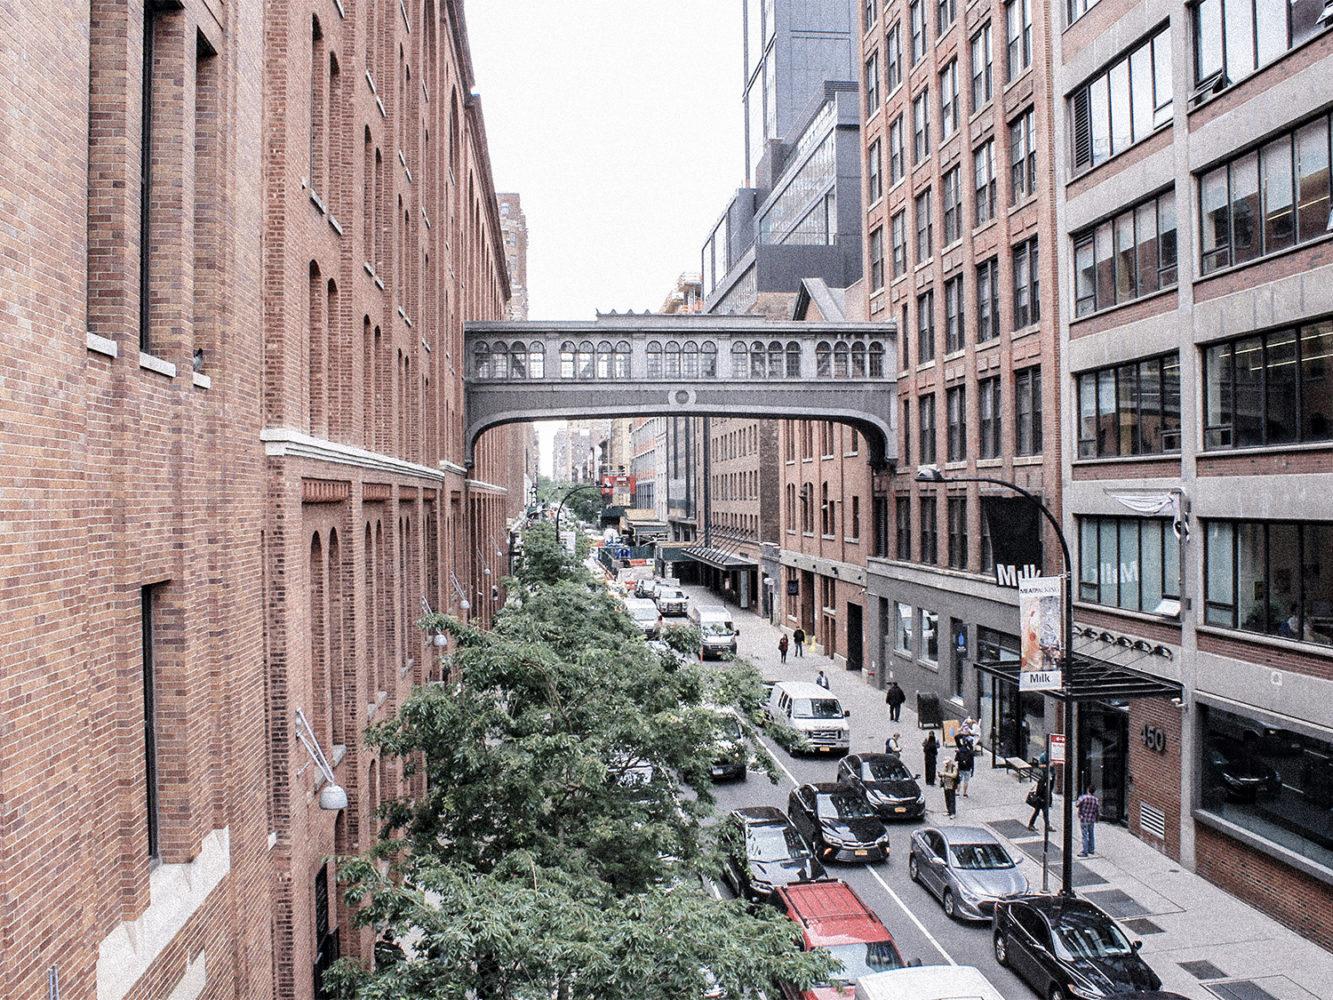 Balade à Chelsea dans une rue pleine de galeries d'art